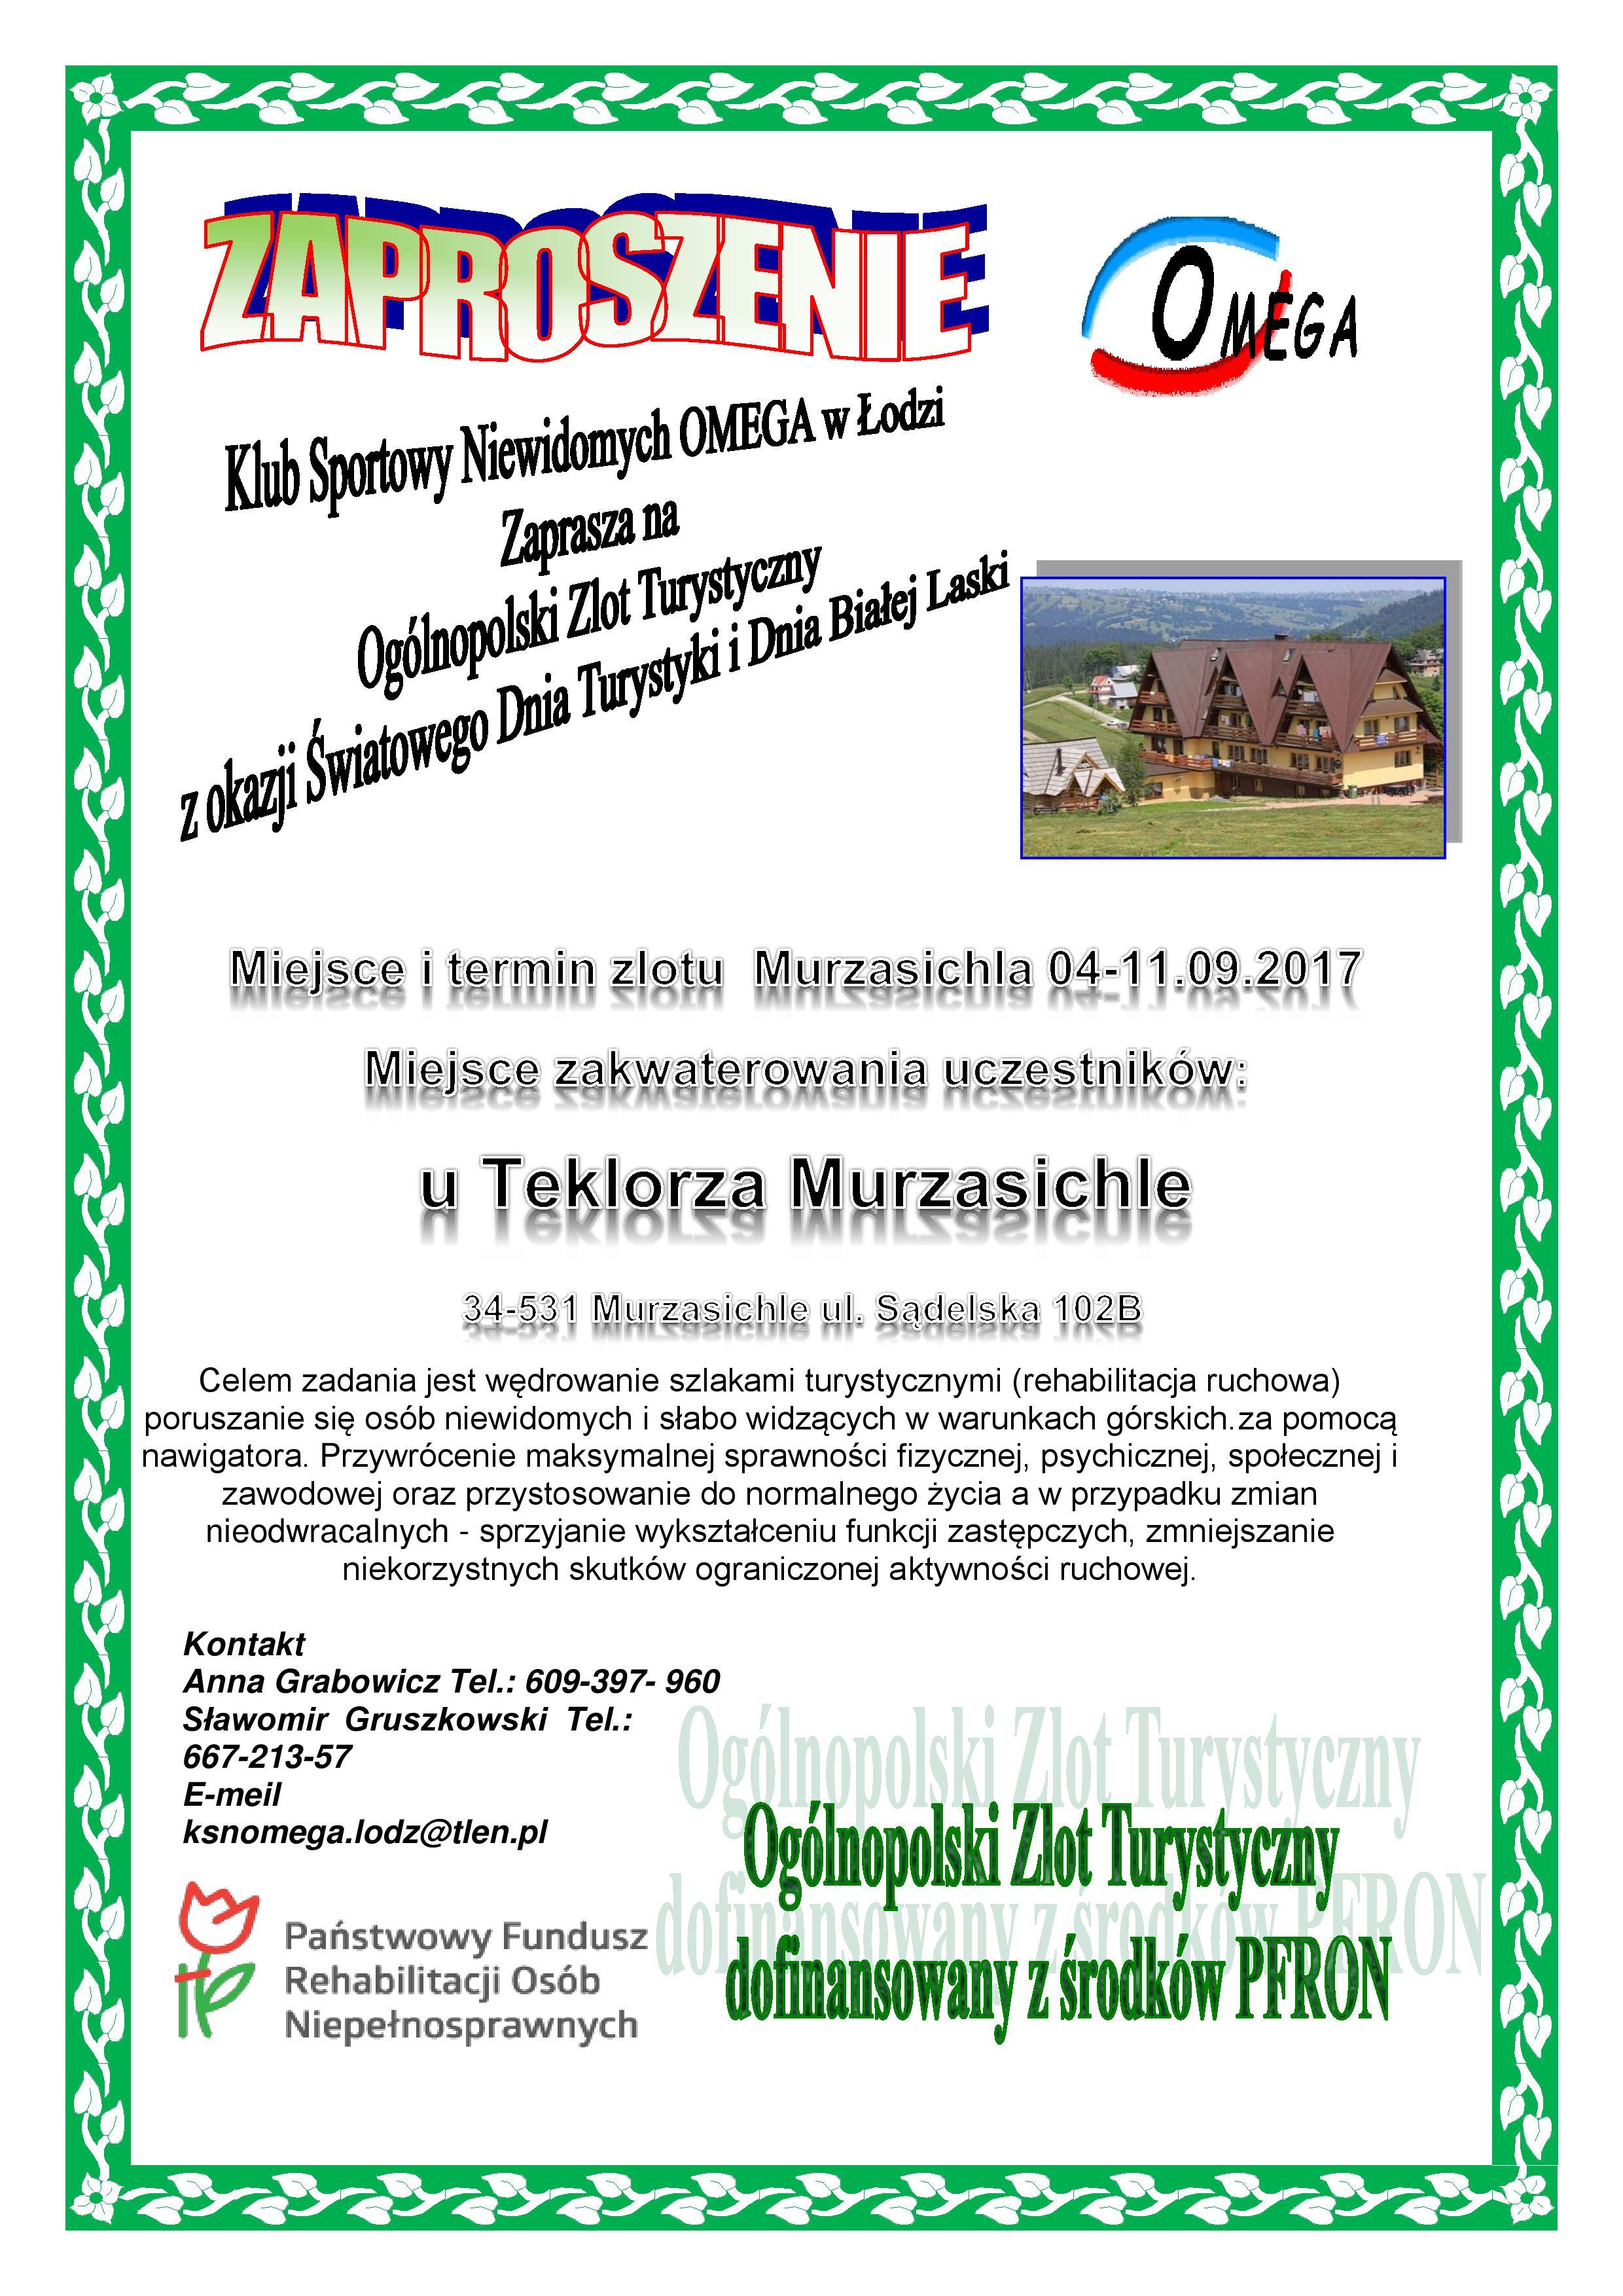 ZAPROSZENIE - Murzasichle-page-001